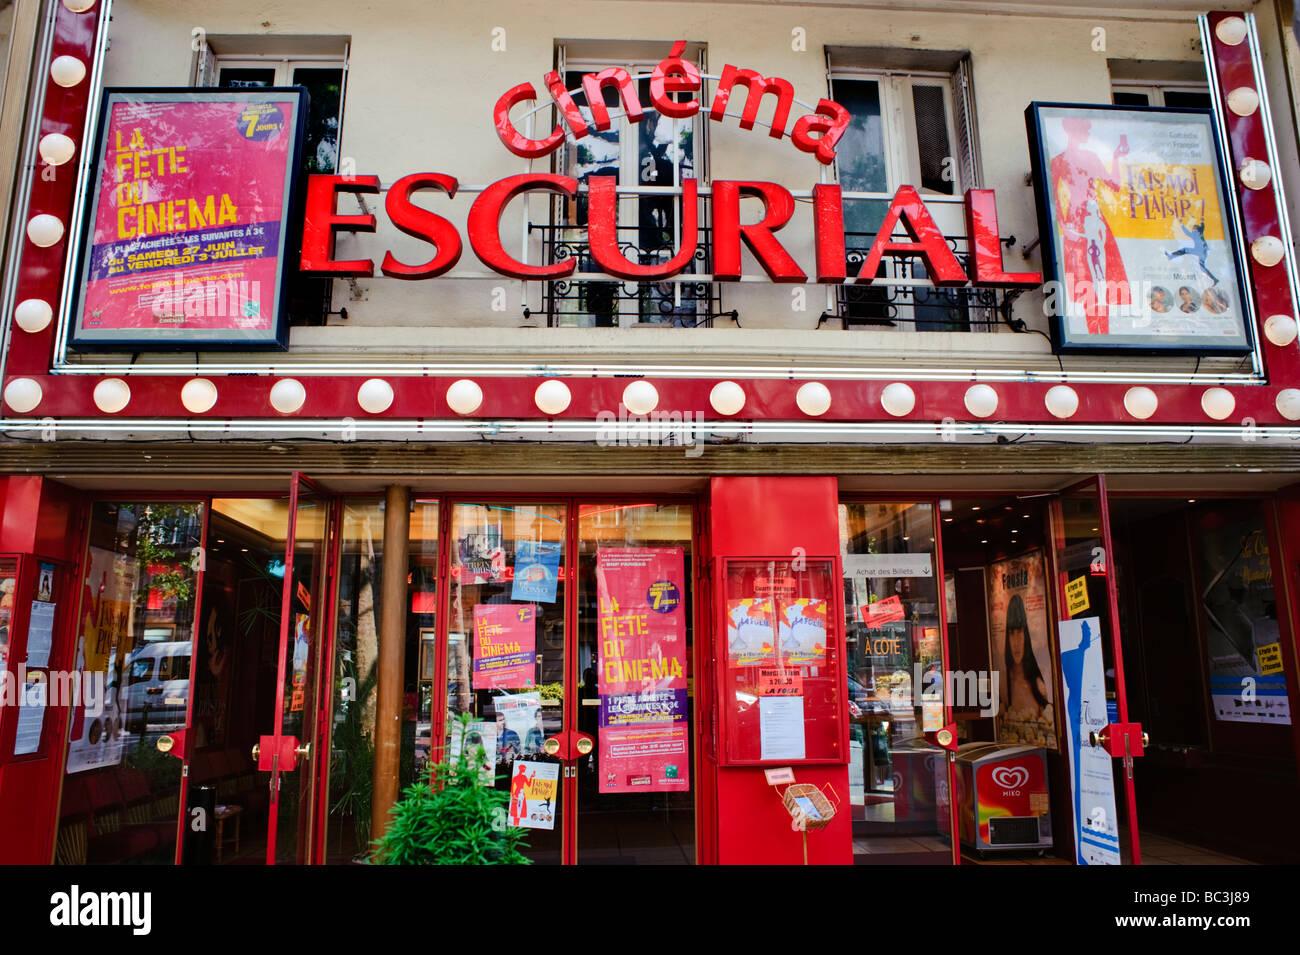 Paris Frankreich, Kinos, Schaufenster unabhängige 'Kino' Escurial, Eingang Zeichen Stockbild